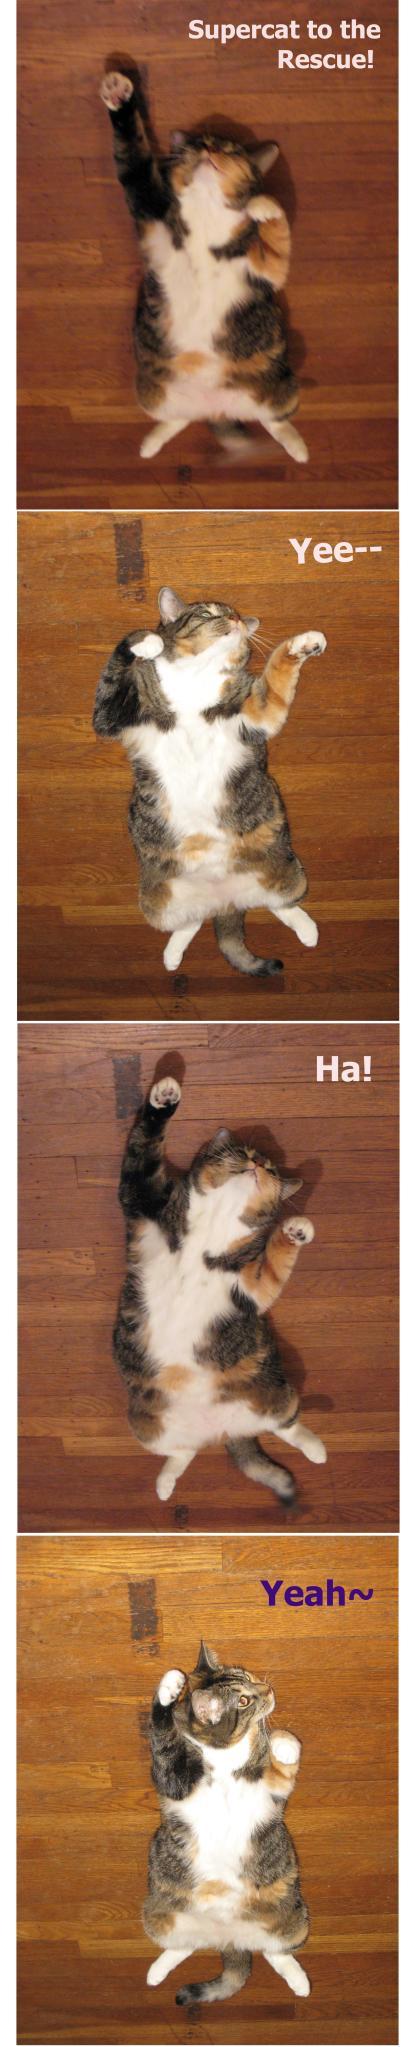 超猫Kiwi - 艾小柯 - 流浪者的乡愁